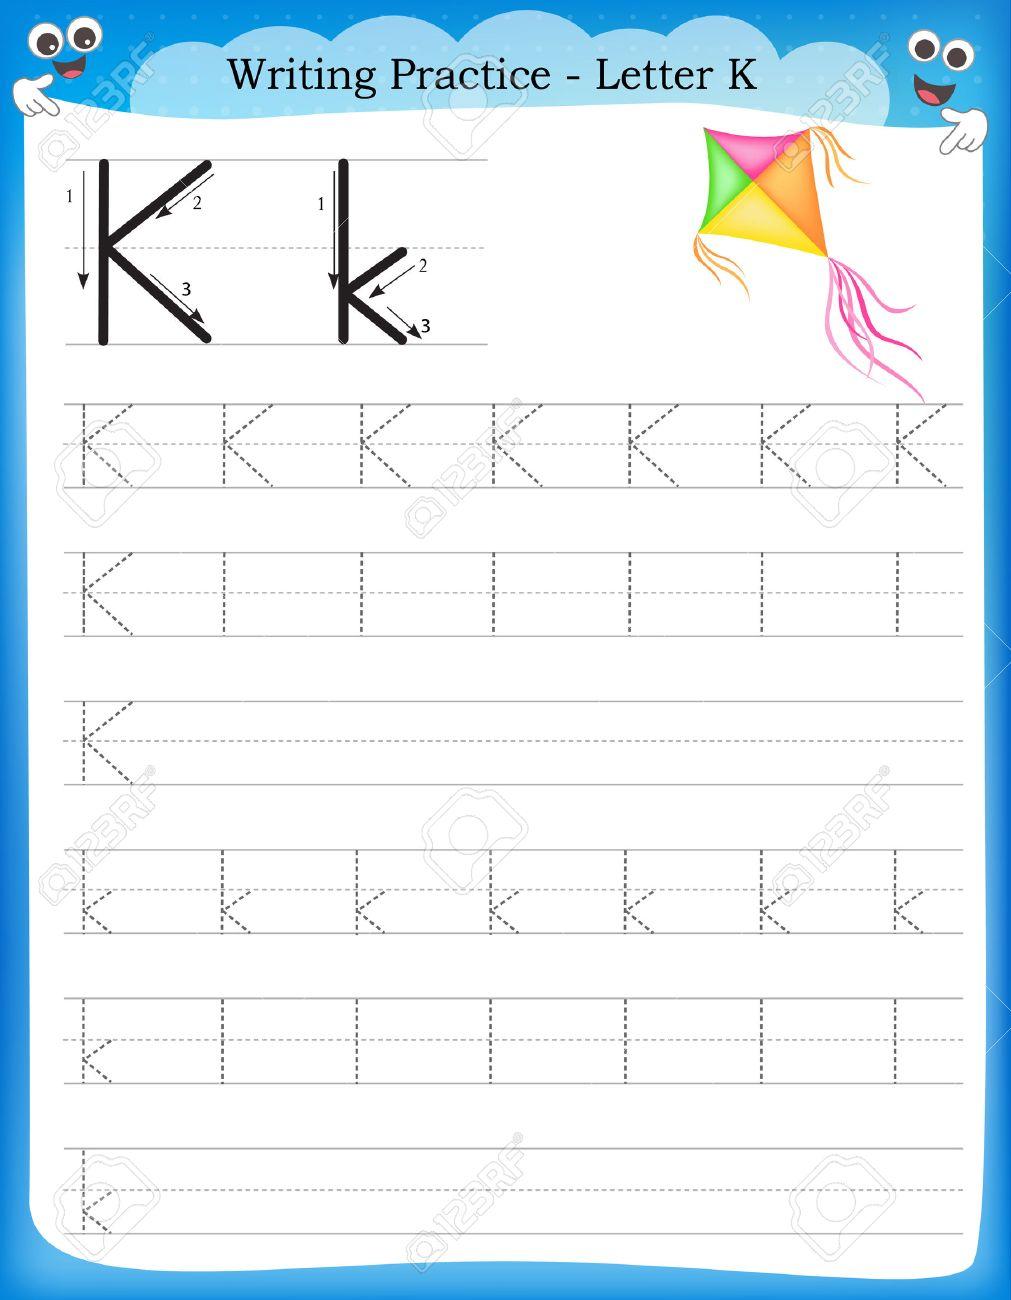 Práctica De Escritura La Letra K Hoja De Trabajo Imprimible Con ...